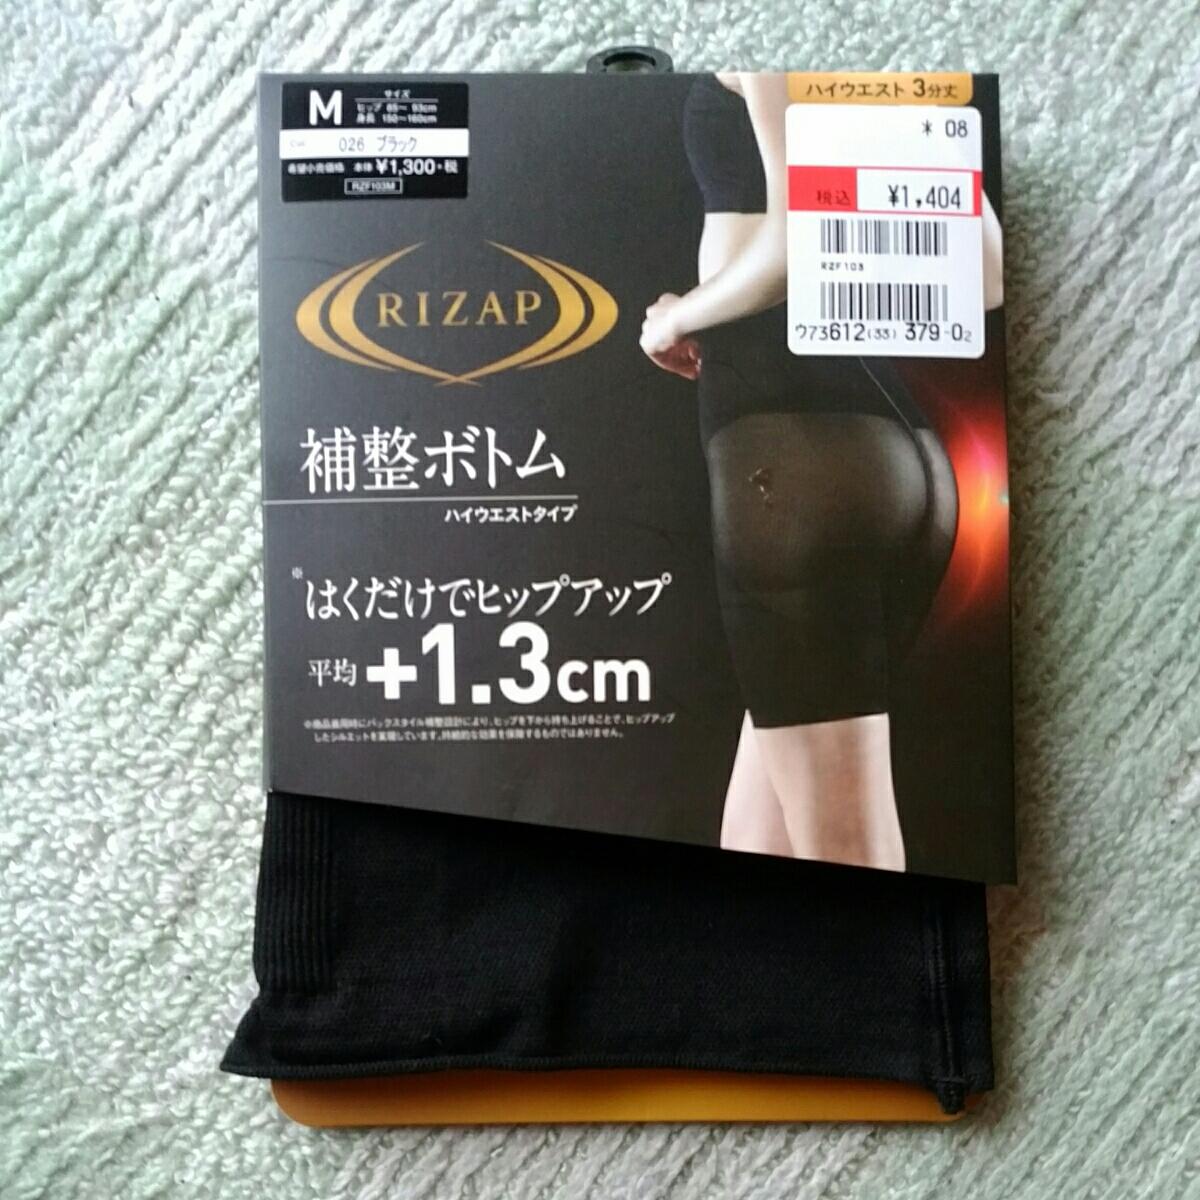 送料込!ライザップ 補整ボトム パンツスタイル M 定価1404円 ヒップアップ 日本製